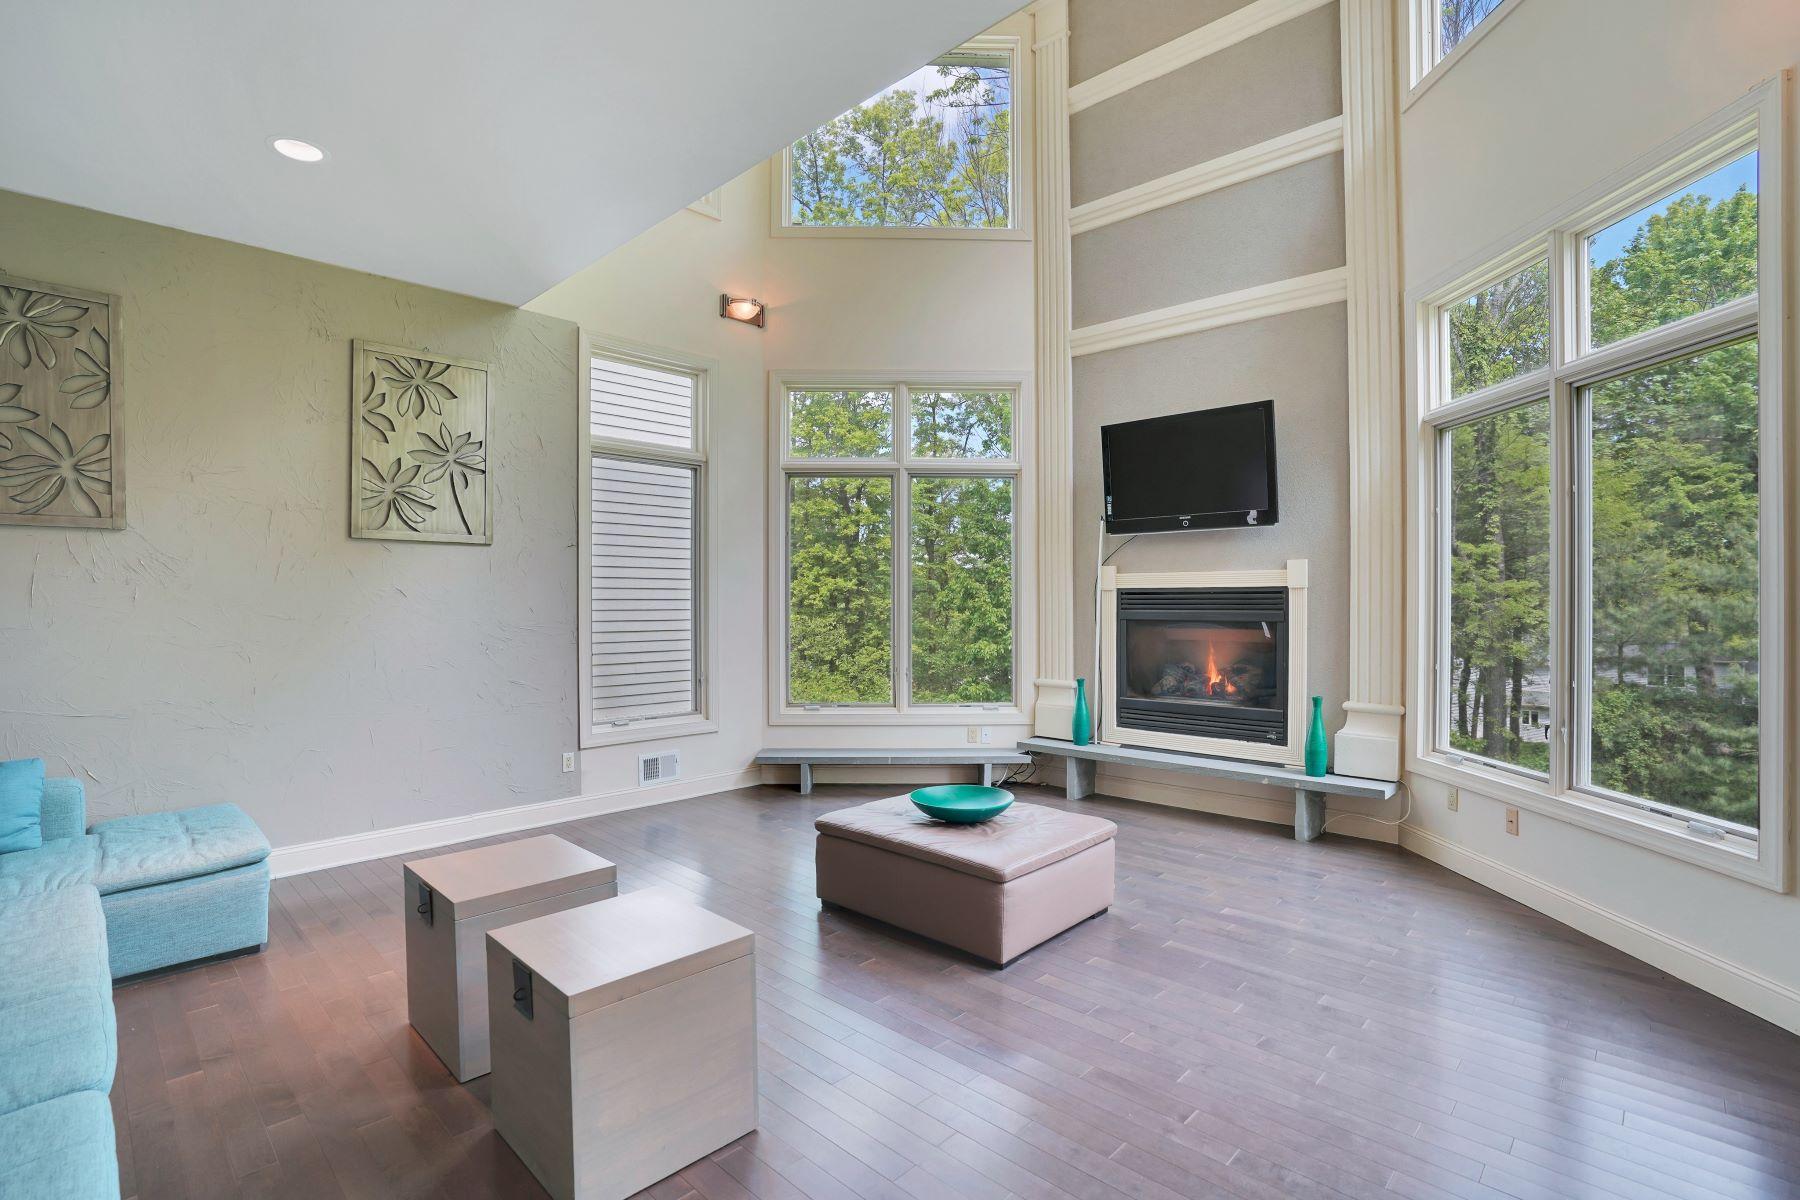 Single Family Homes pour l Vente à Desirable Open Concept 20 Upper Mountain Avenue, Montville, New Jersey 07045 États-Unis